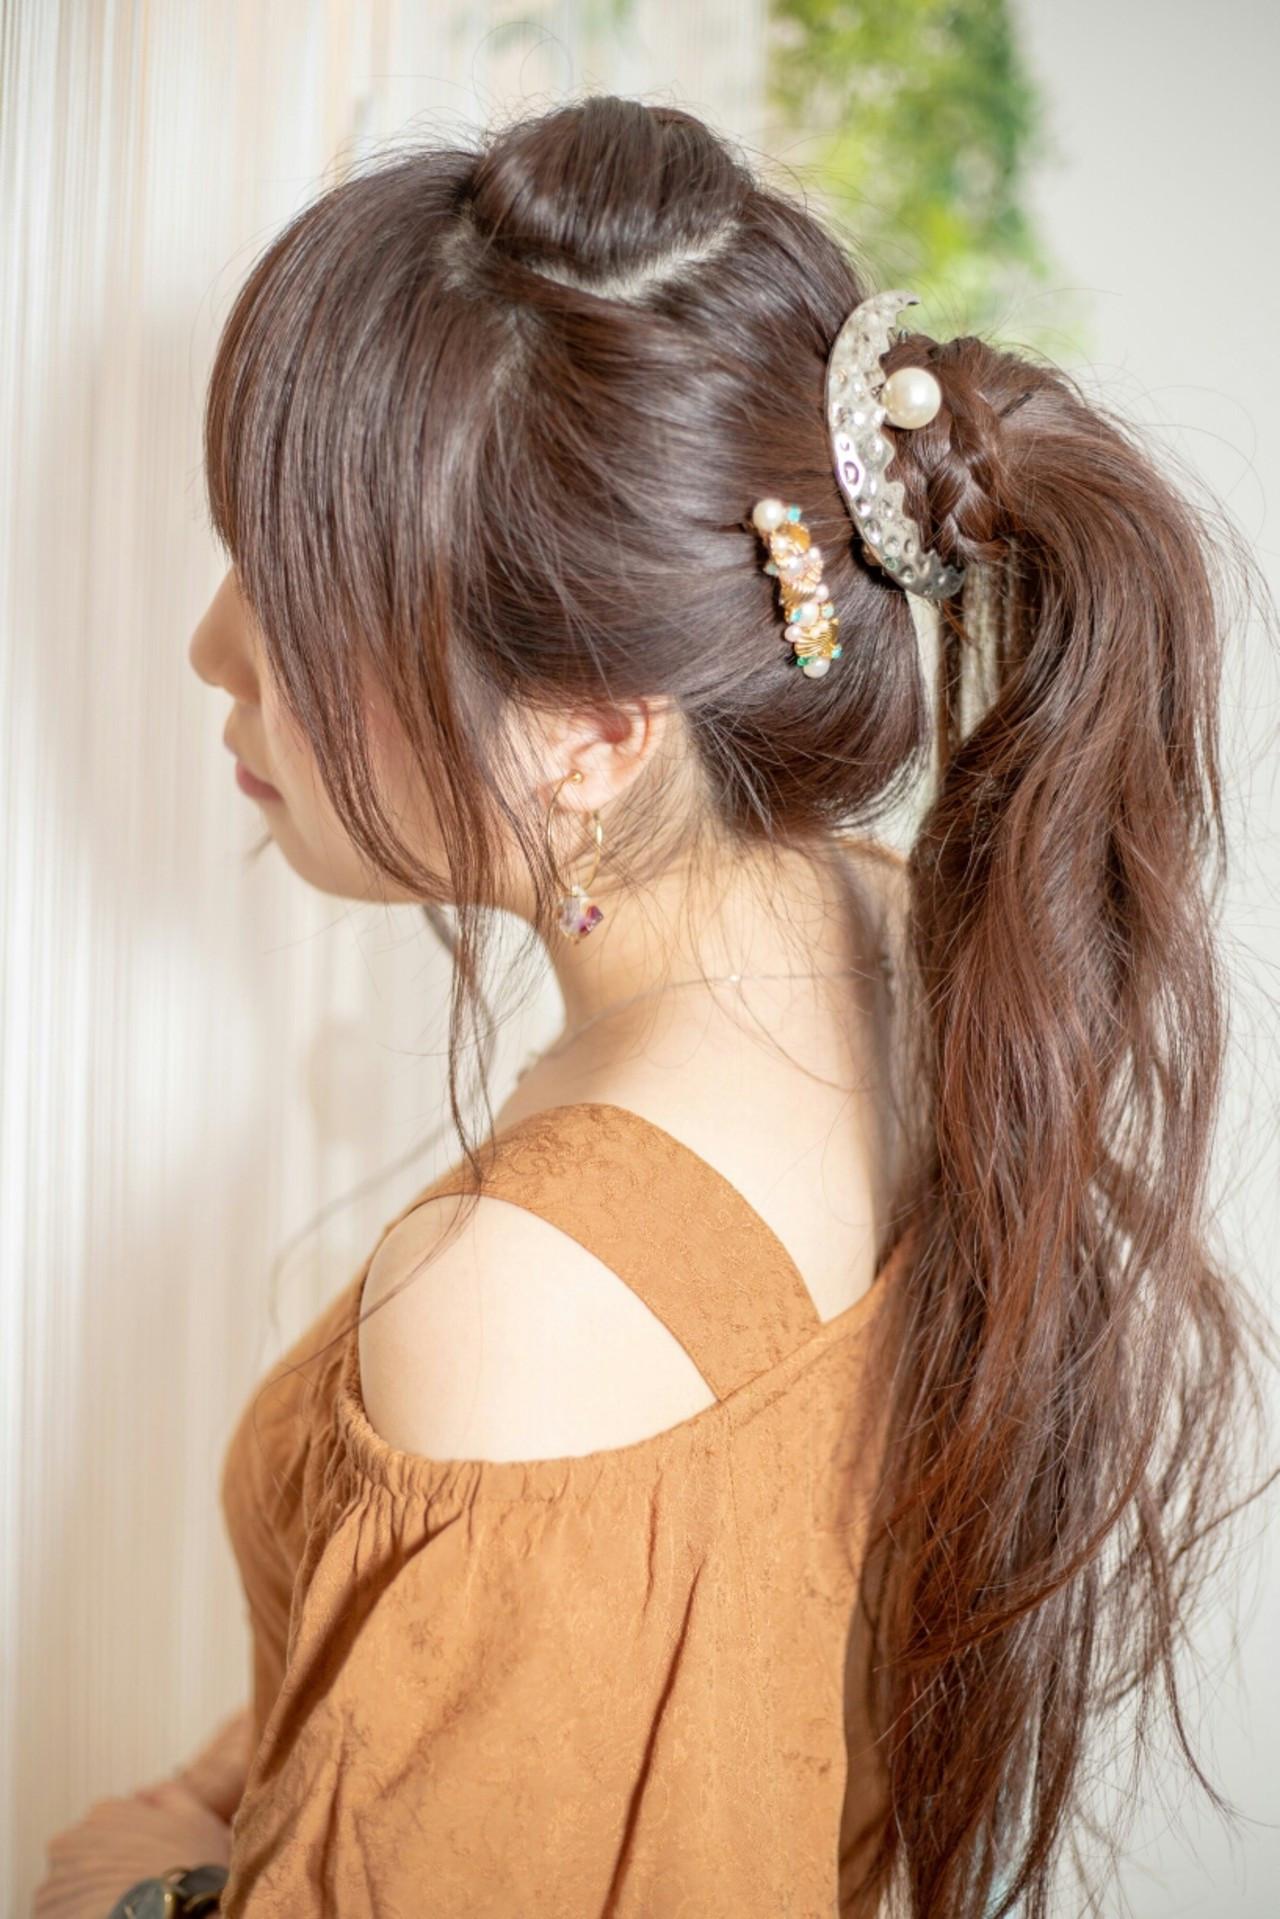 後れ毛 ポニーテール バレッタ ヘアアレンジ ヘアスタイルや髪型の写真・画像